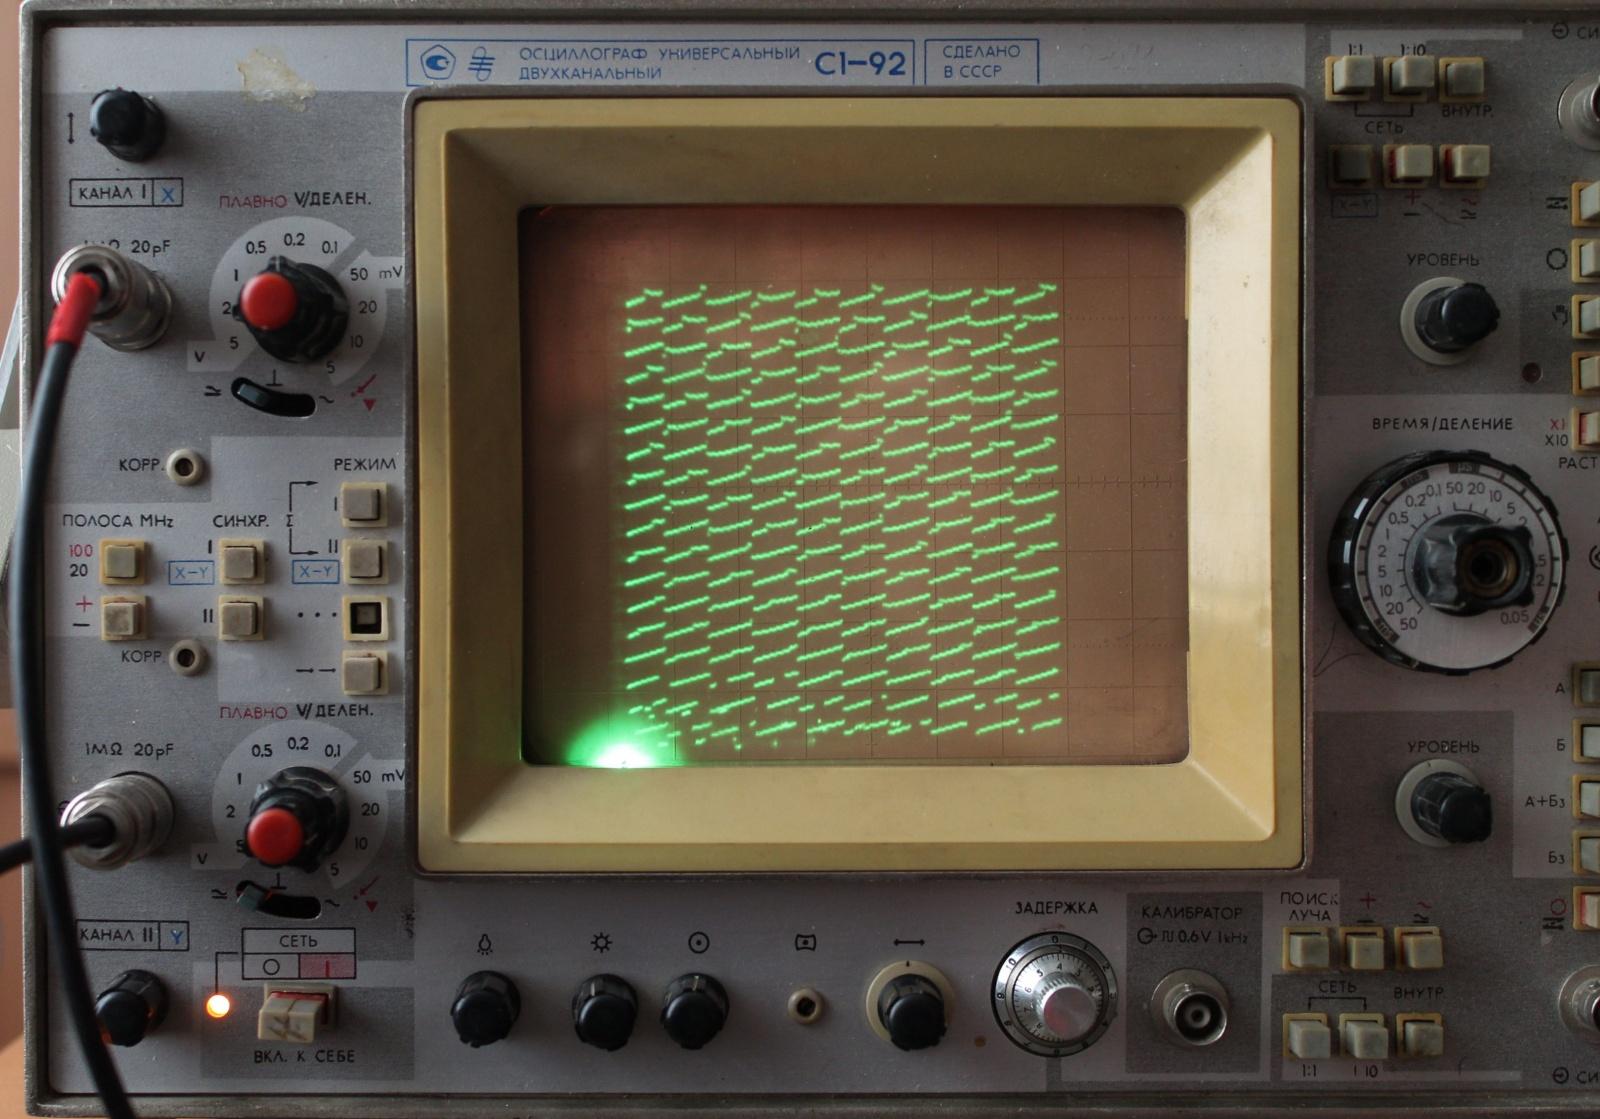 Bad Apple или с Днем Радио, гики - 4